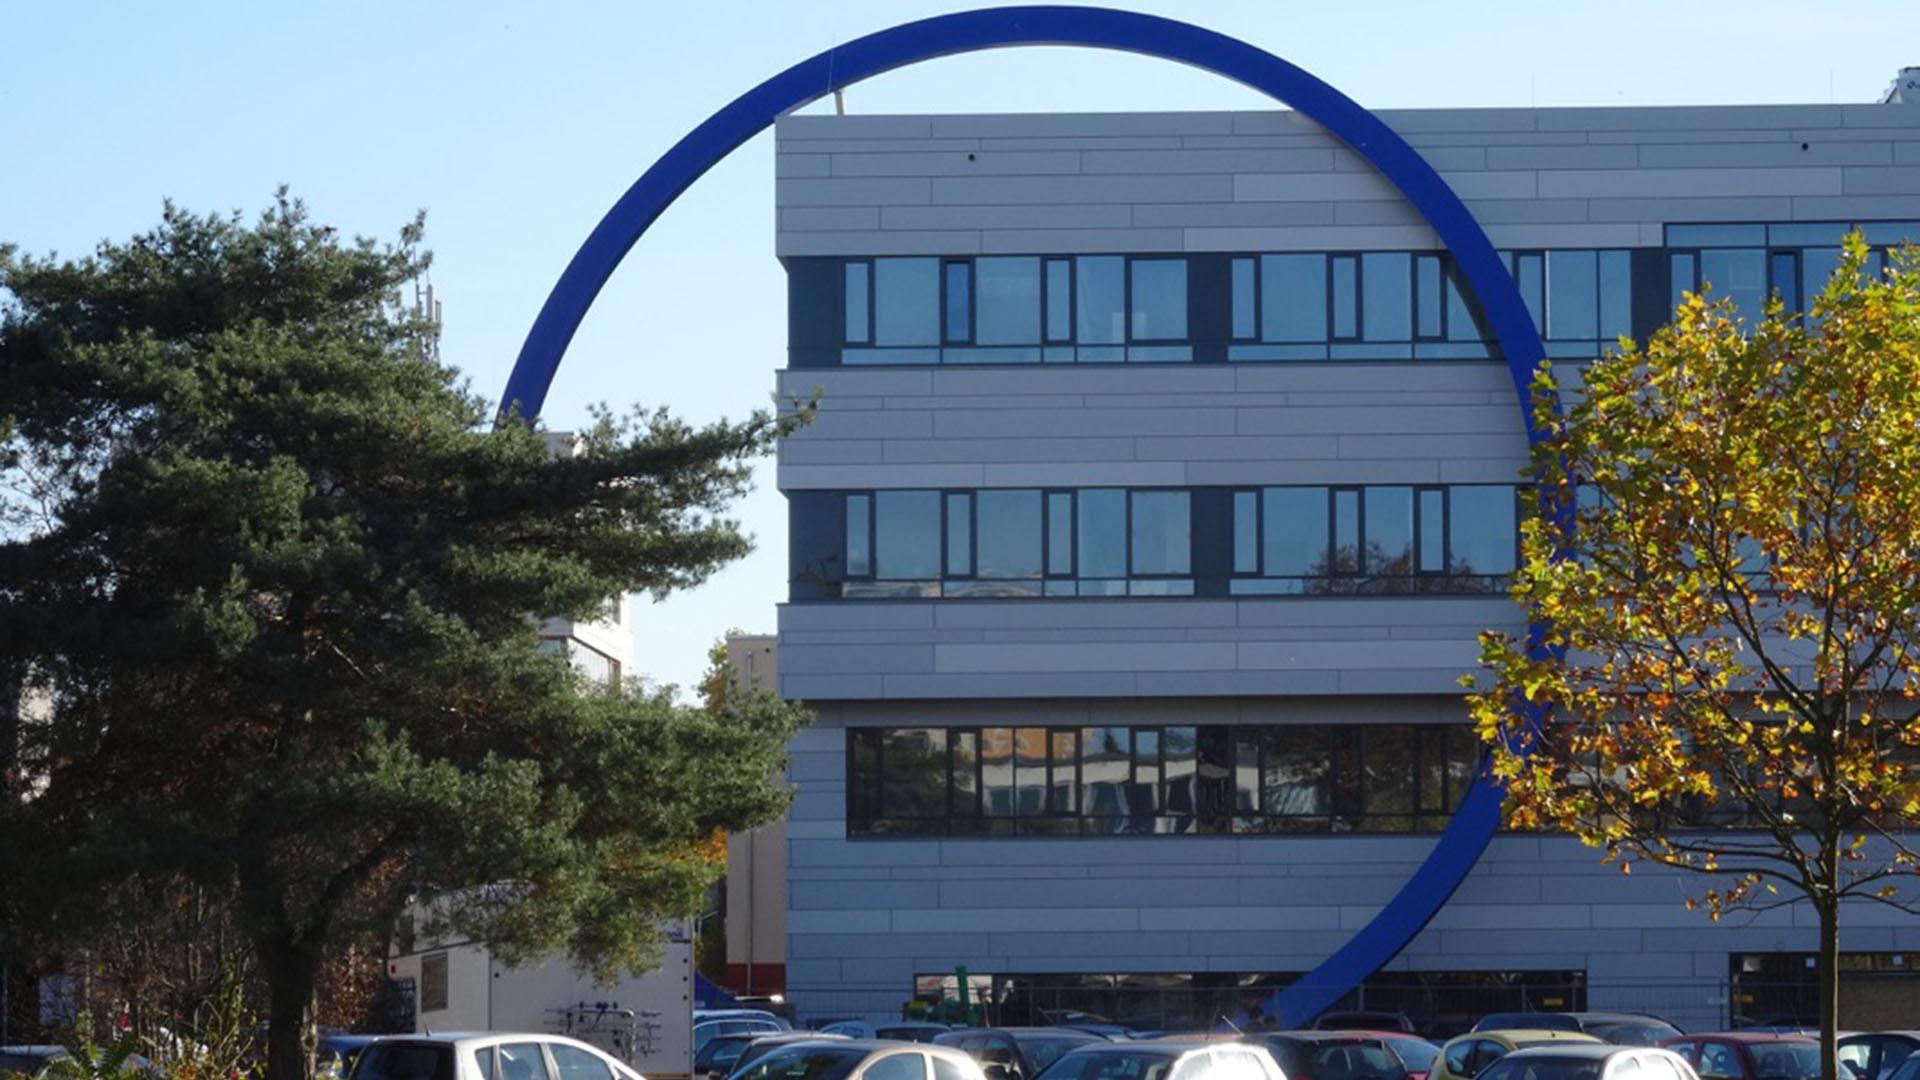 Der blaue Ring aus Stahl und Glas am Hochschulgebäude